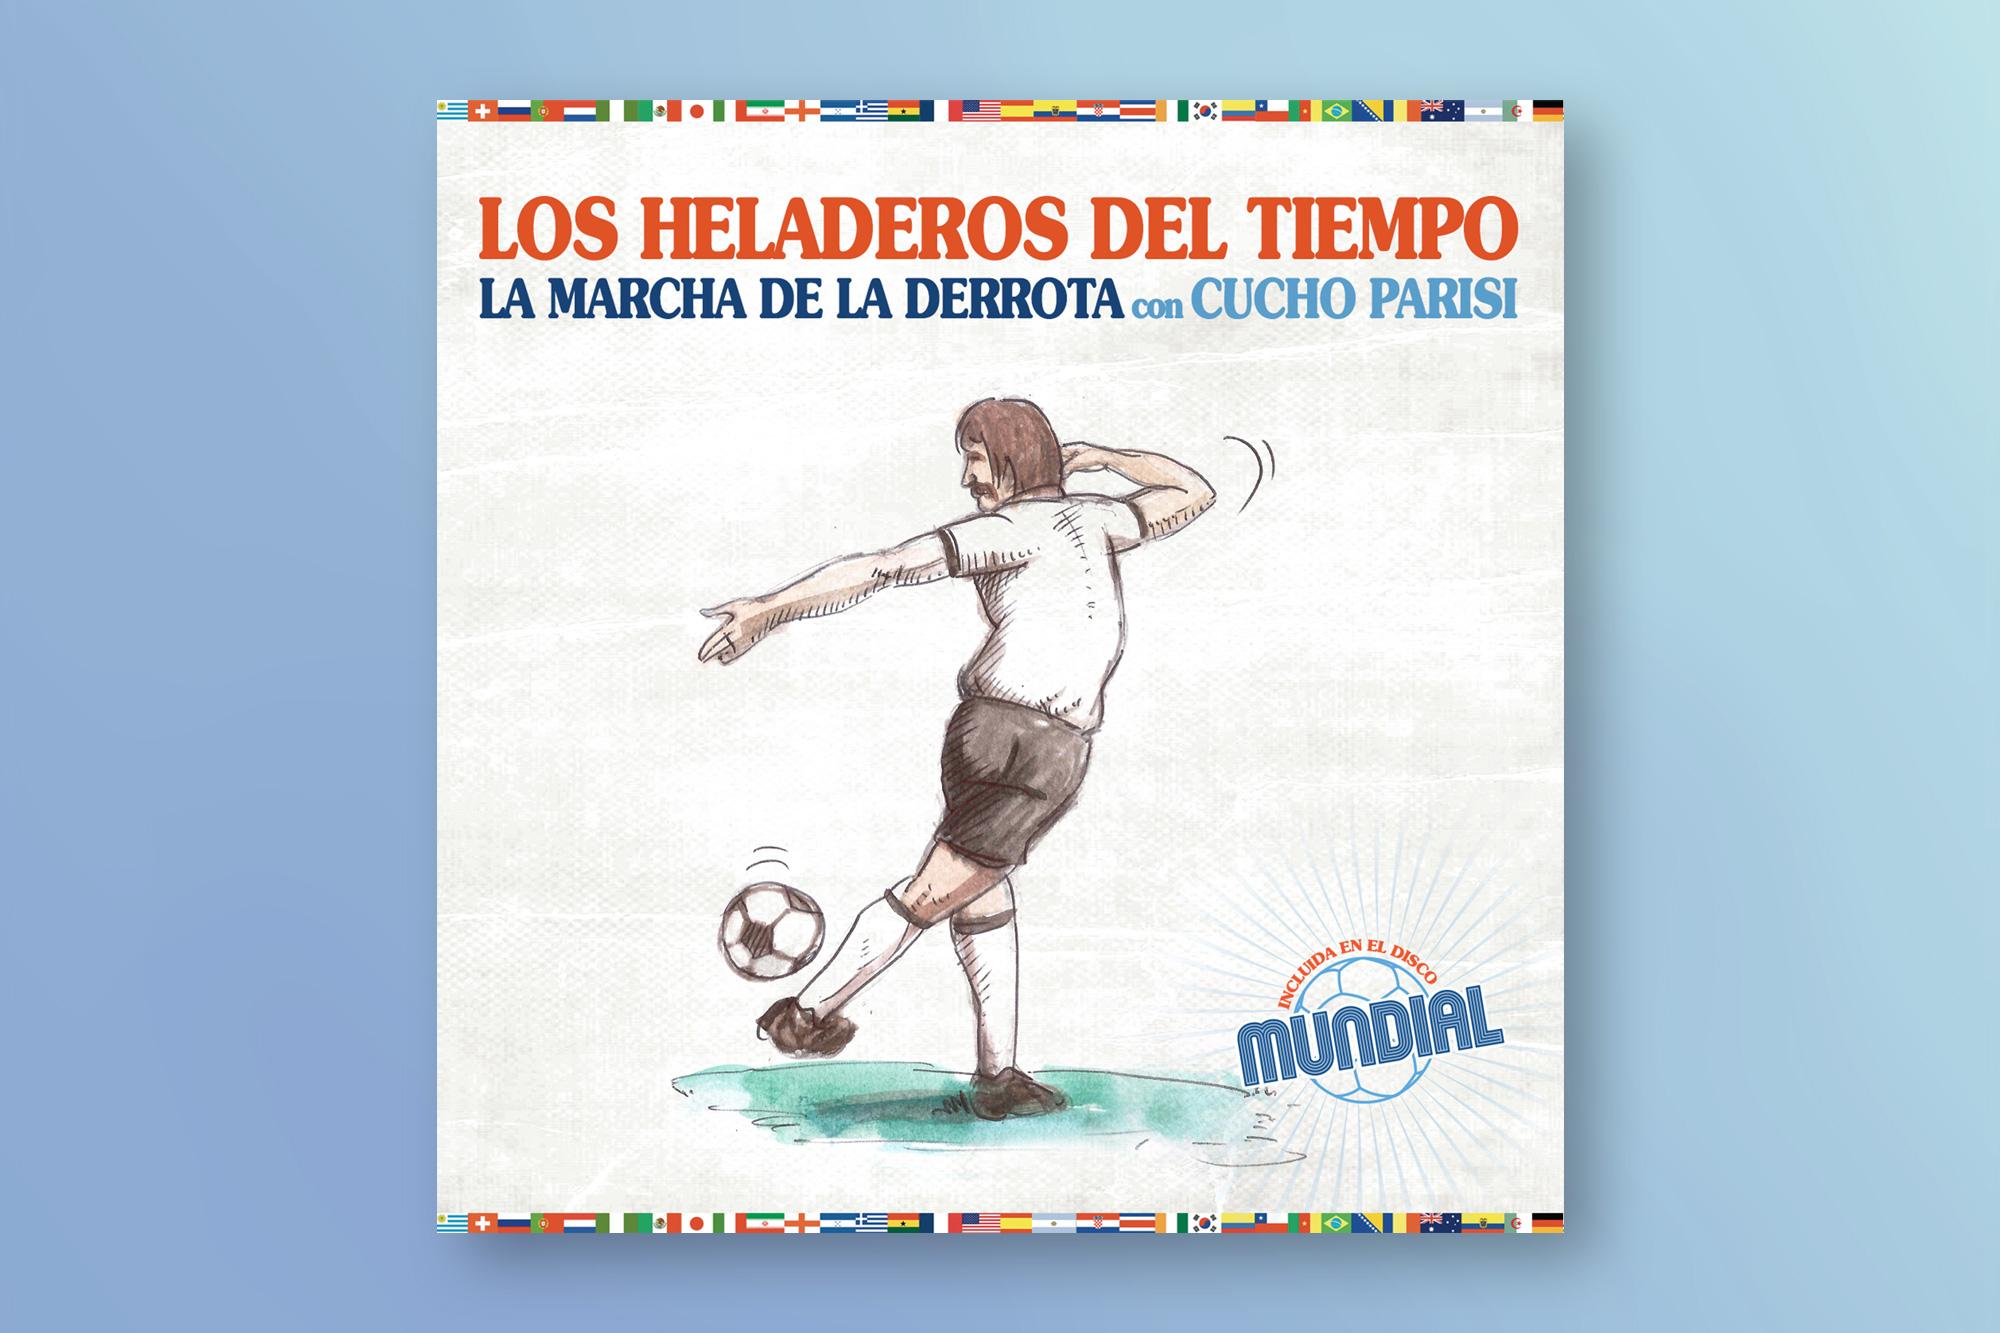 LOS-HELADEROS-DEL-TIEMPO-EP-PROMO-MUNDIAL-2014-FRONT